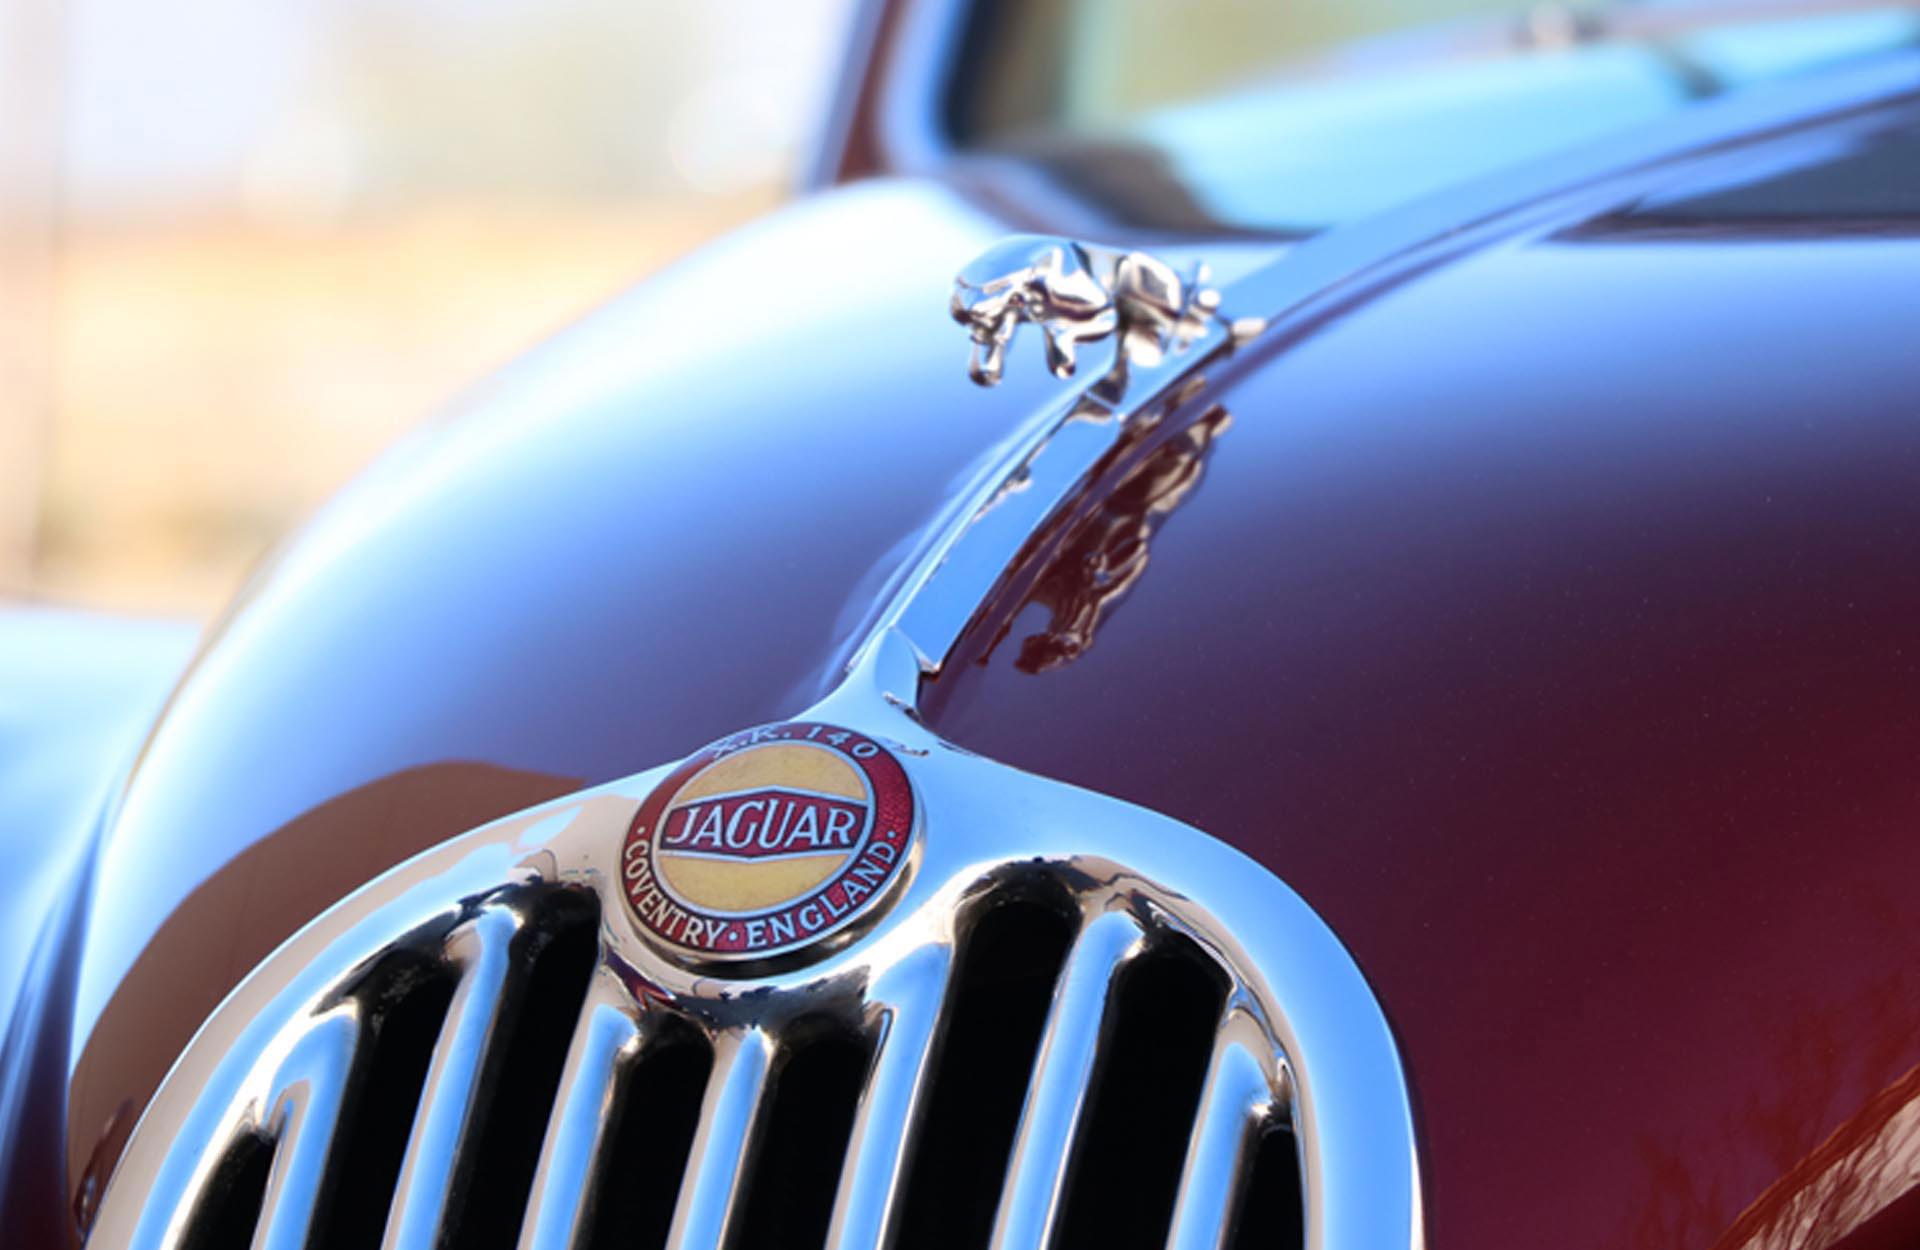 1956 Jaguar XK140 MC hood emblem